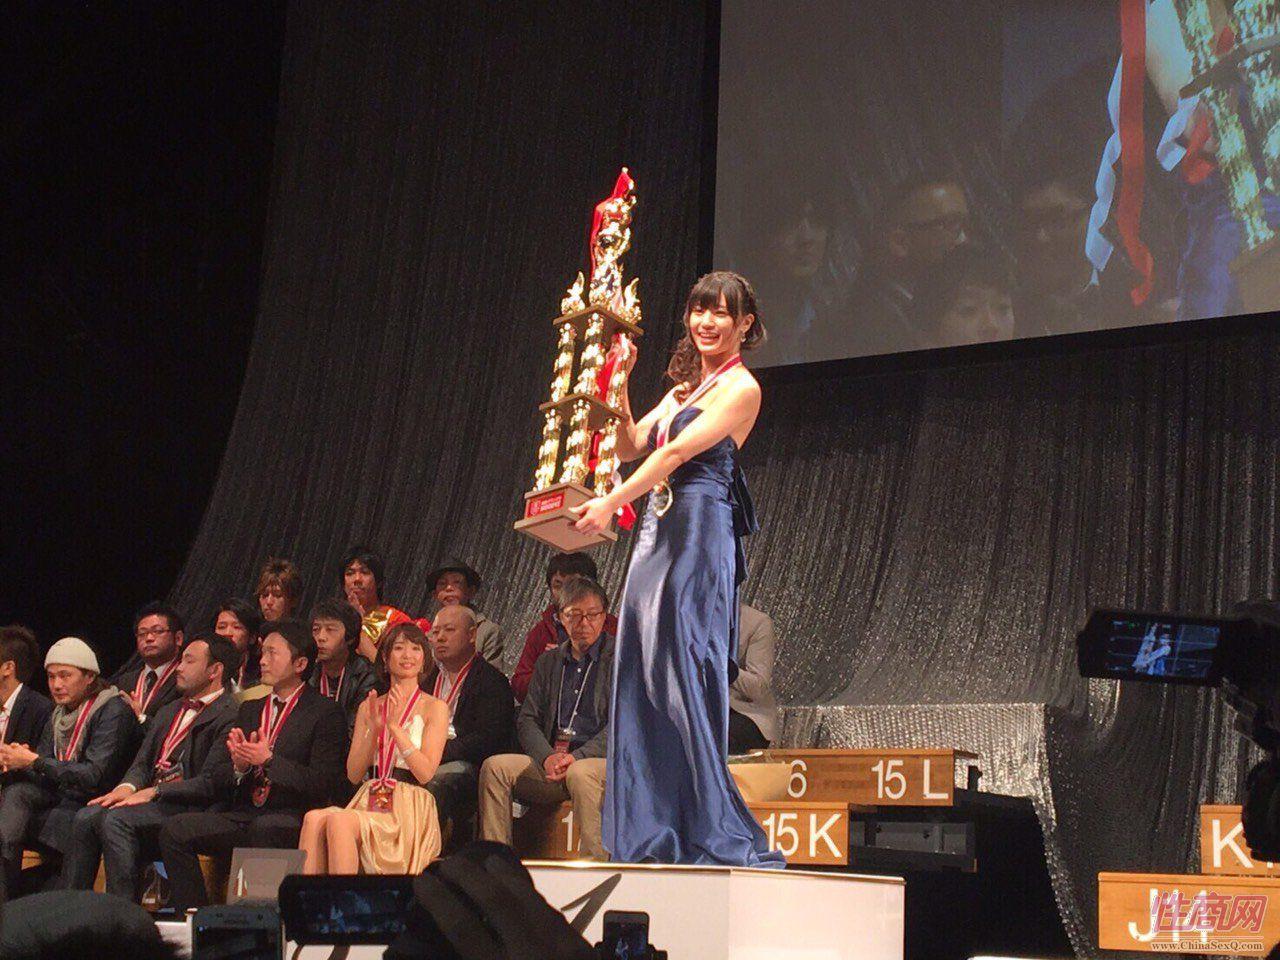 2016日本成人展JapanAdultExpo颁奖典礼2图片32